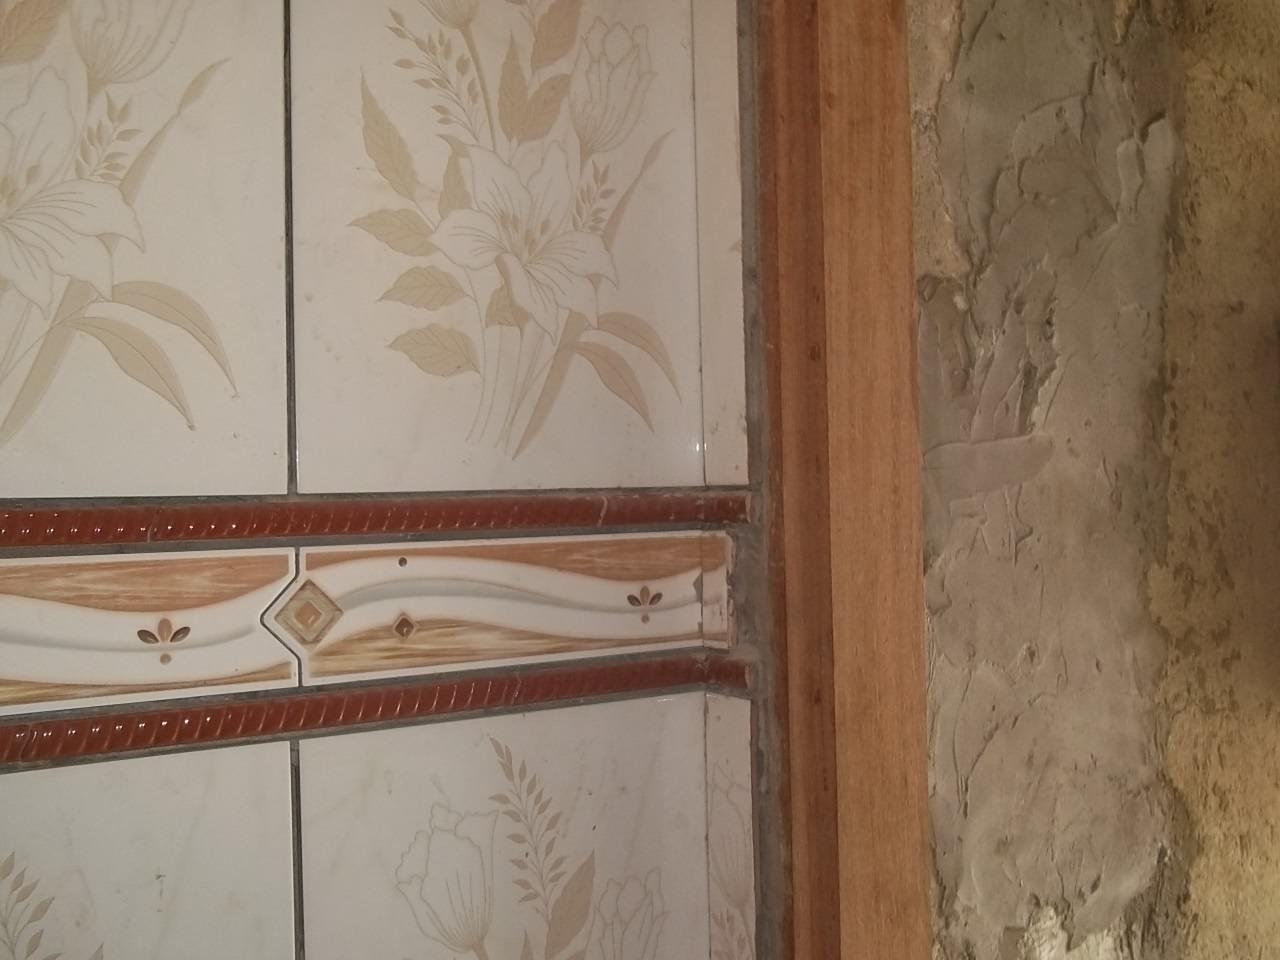 veja e confira lindos pisos e azulejos para cozinha #664530 1280x960 Azulejo Madeira Banheiro